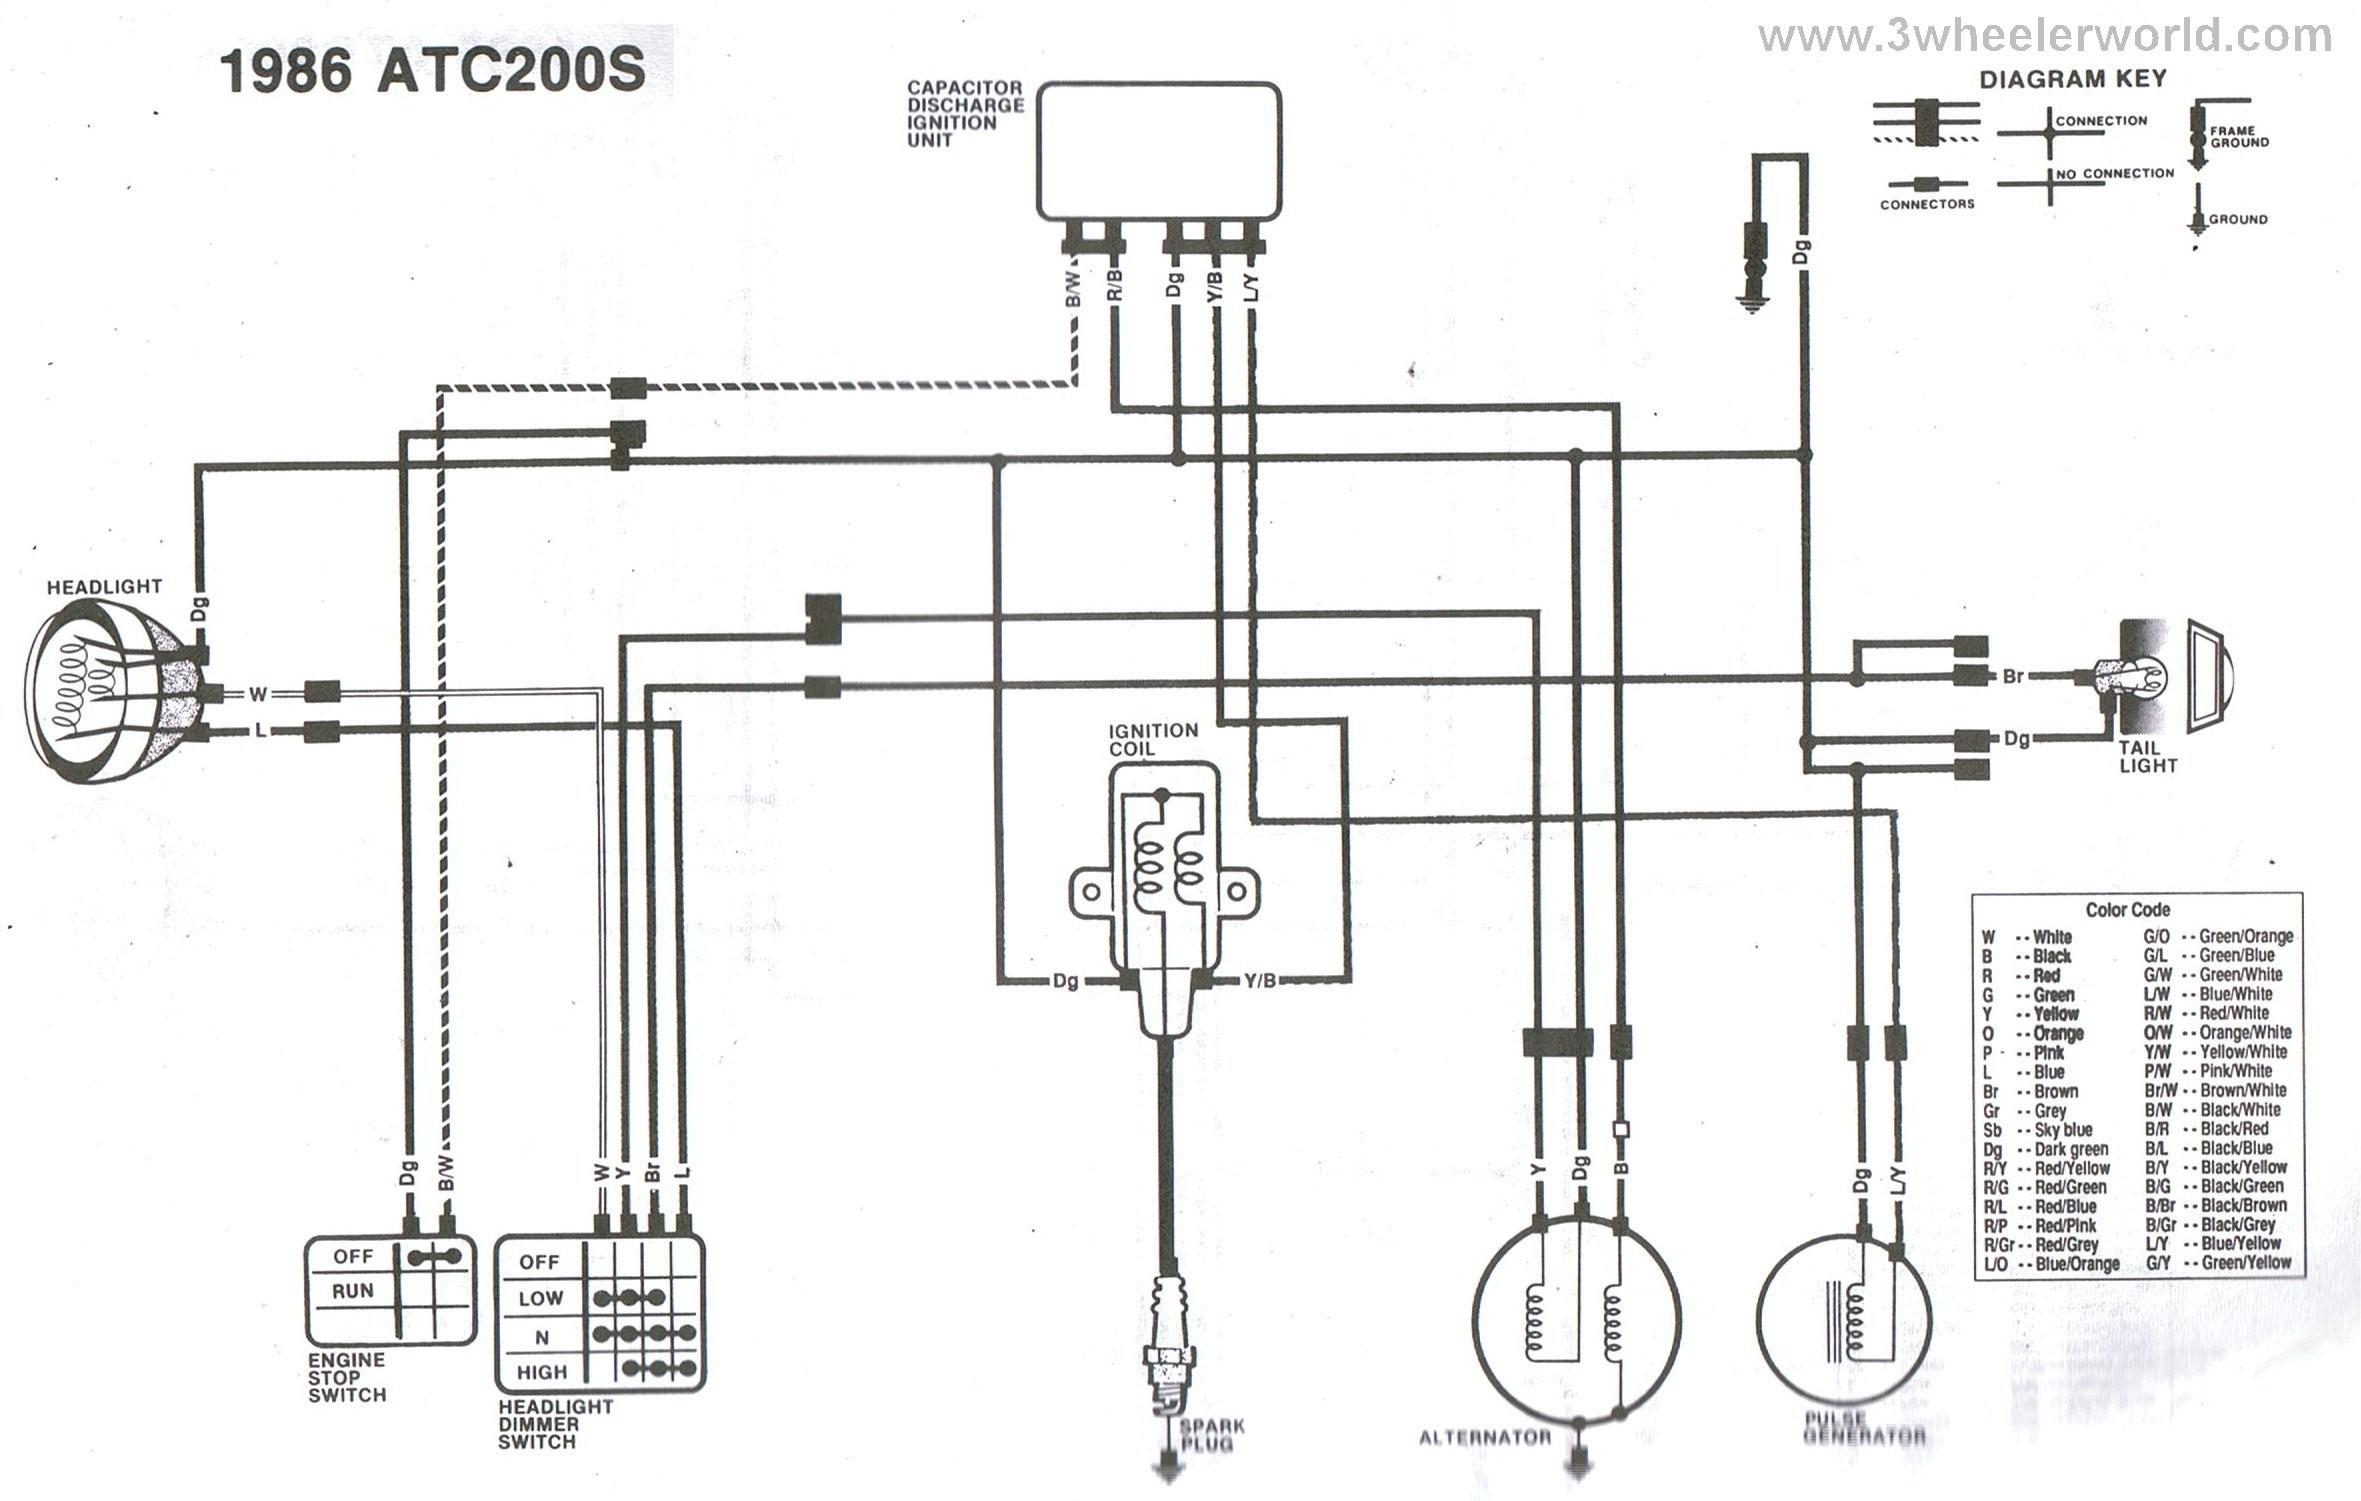 yamaha xt250 wiring diagram ford focus mk1 towbar honda foreman 450 parts | my